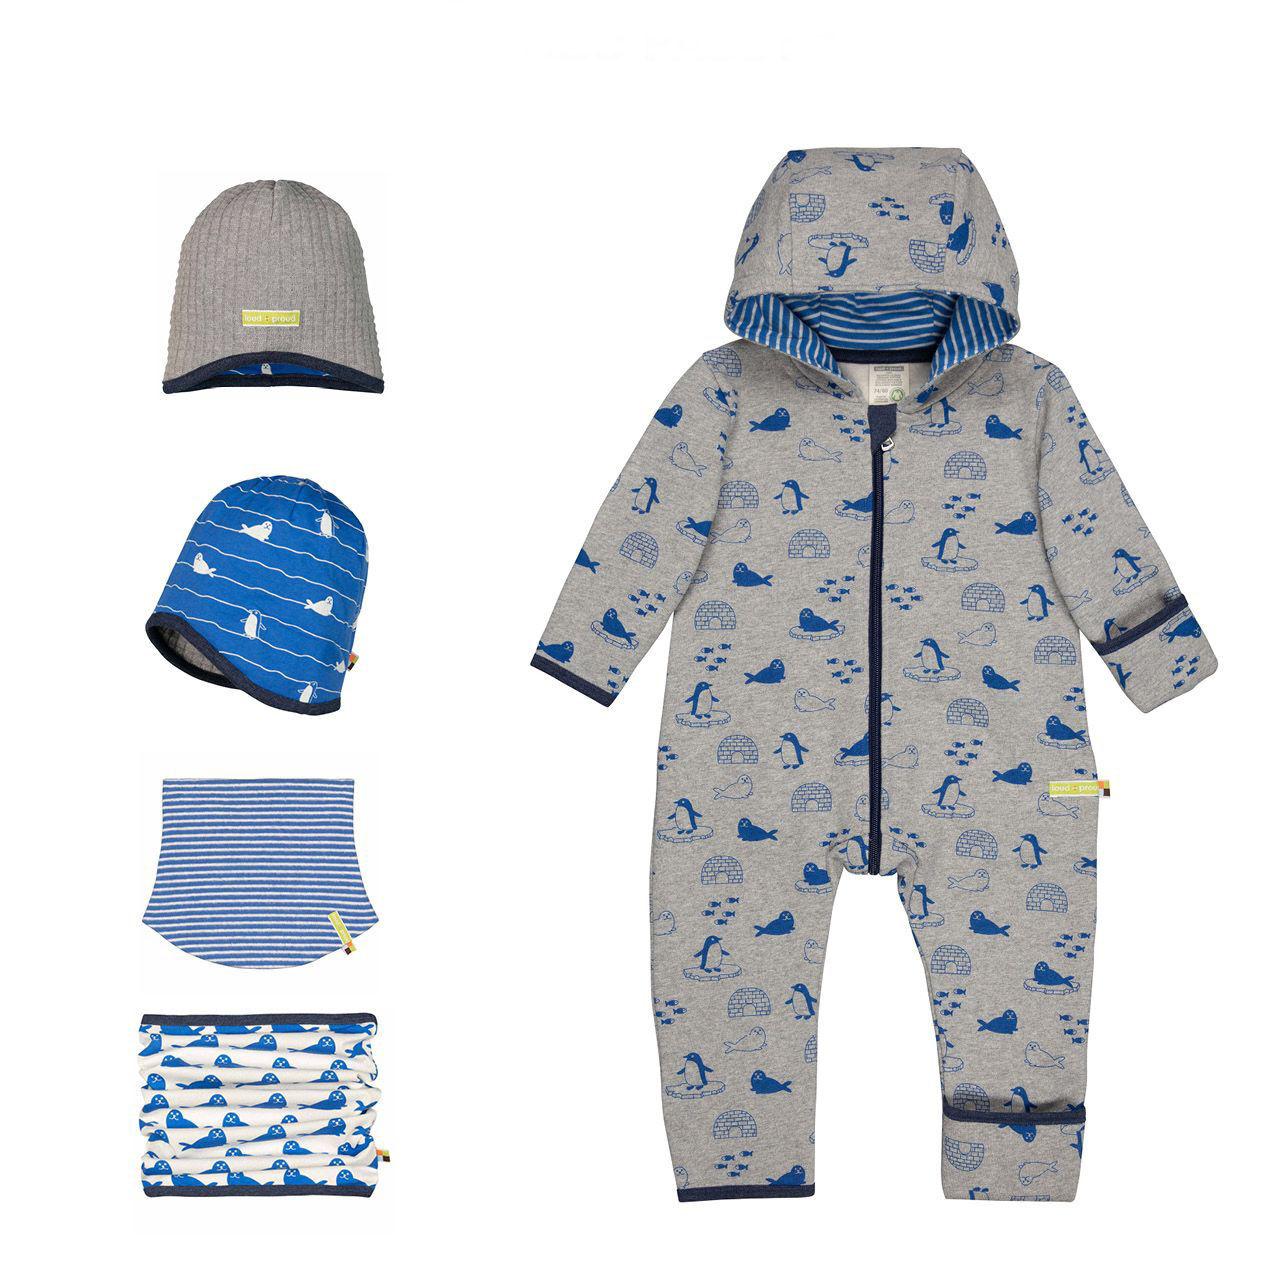 Téli Designer gyerekruha kollekció ötlet kék-szürke